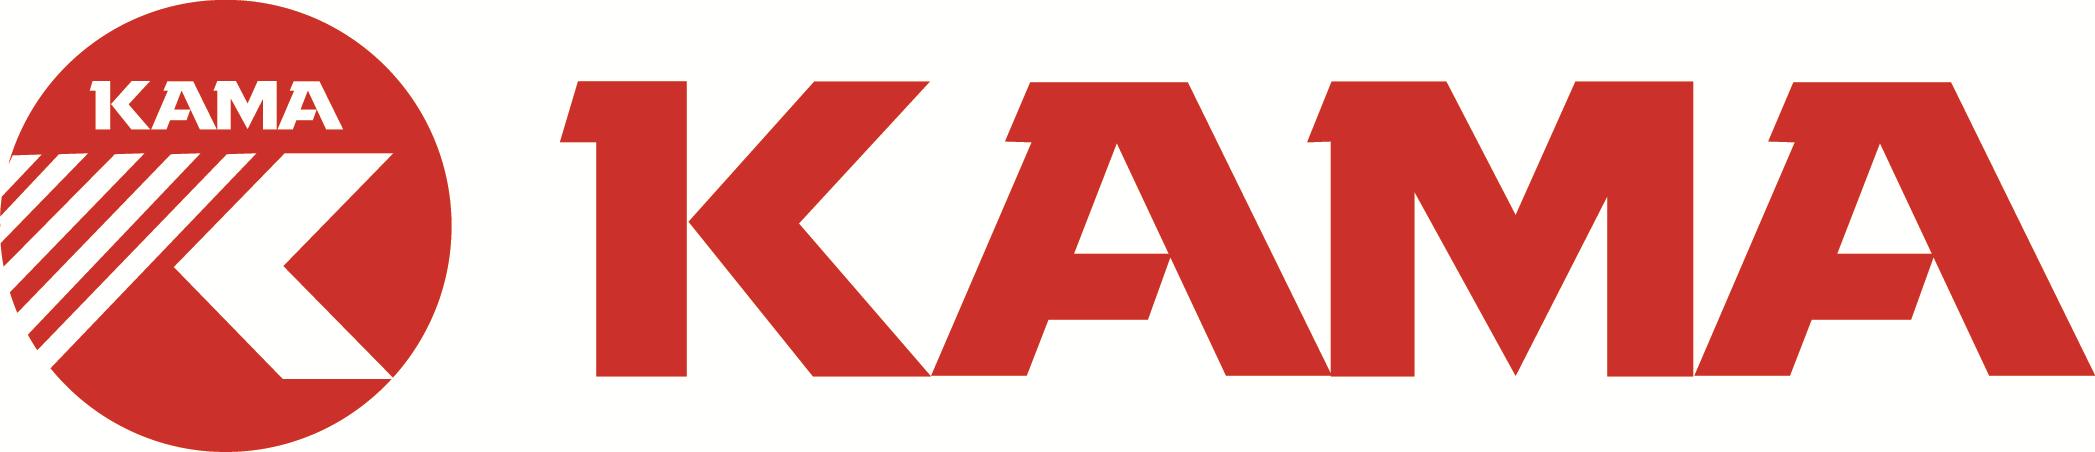 WUXI WORLDBEST KAMA POWER CO.,LTD